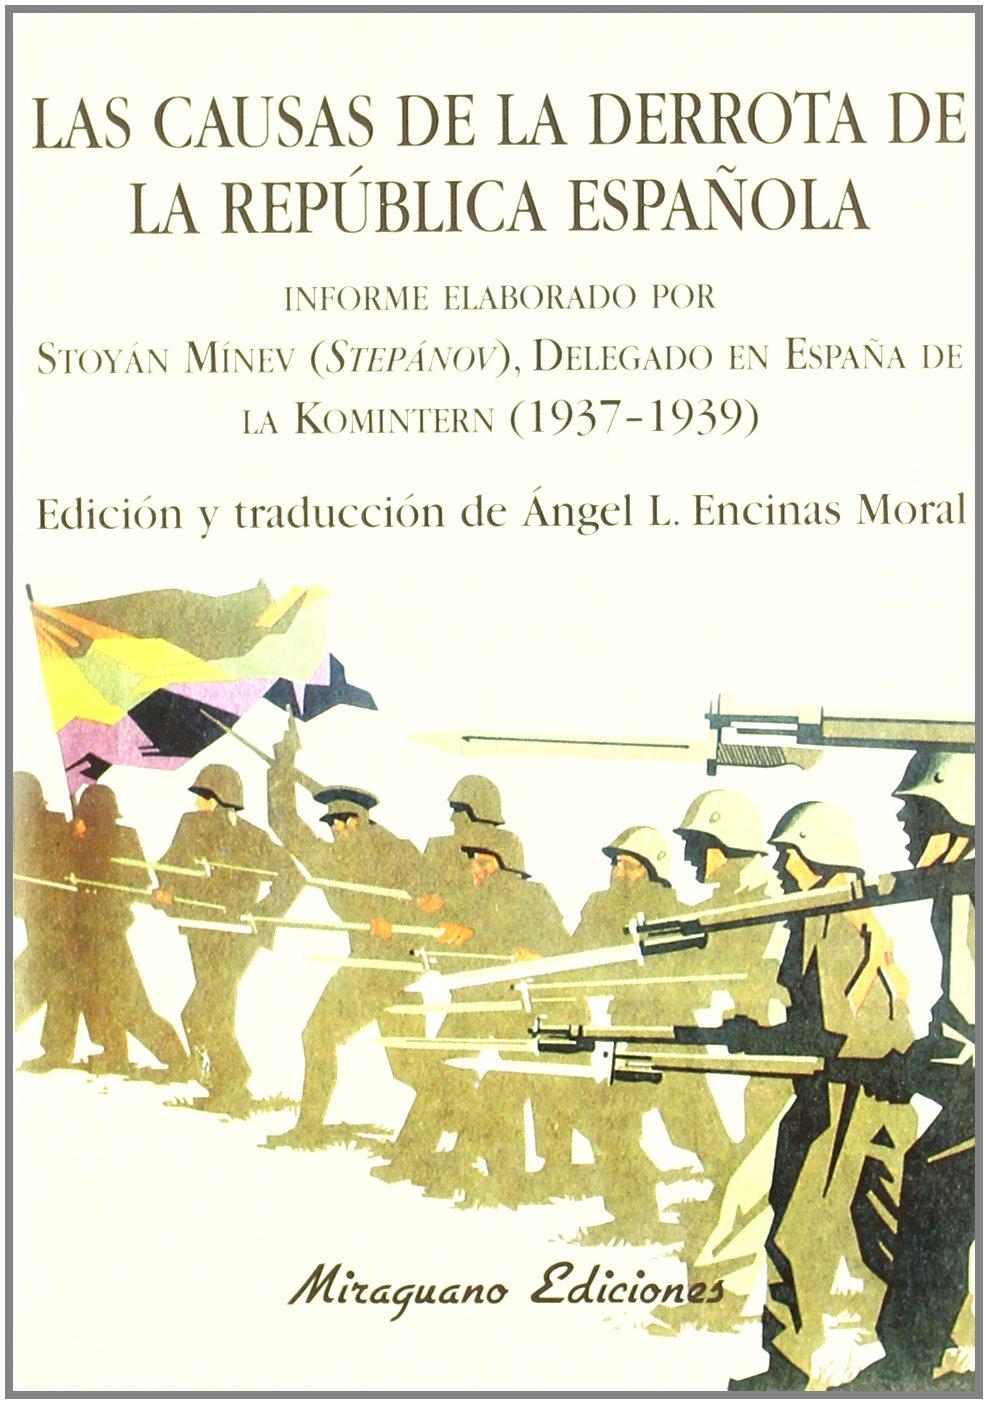 Las Causas de la derrota de la República española Debates y Propuestas: Amazon.es: Stoyán Minev (Stepánov): Libros